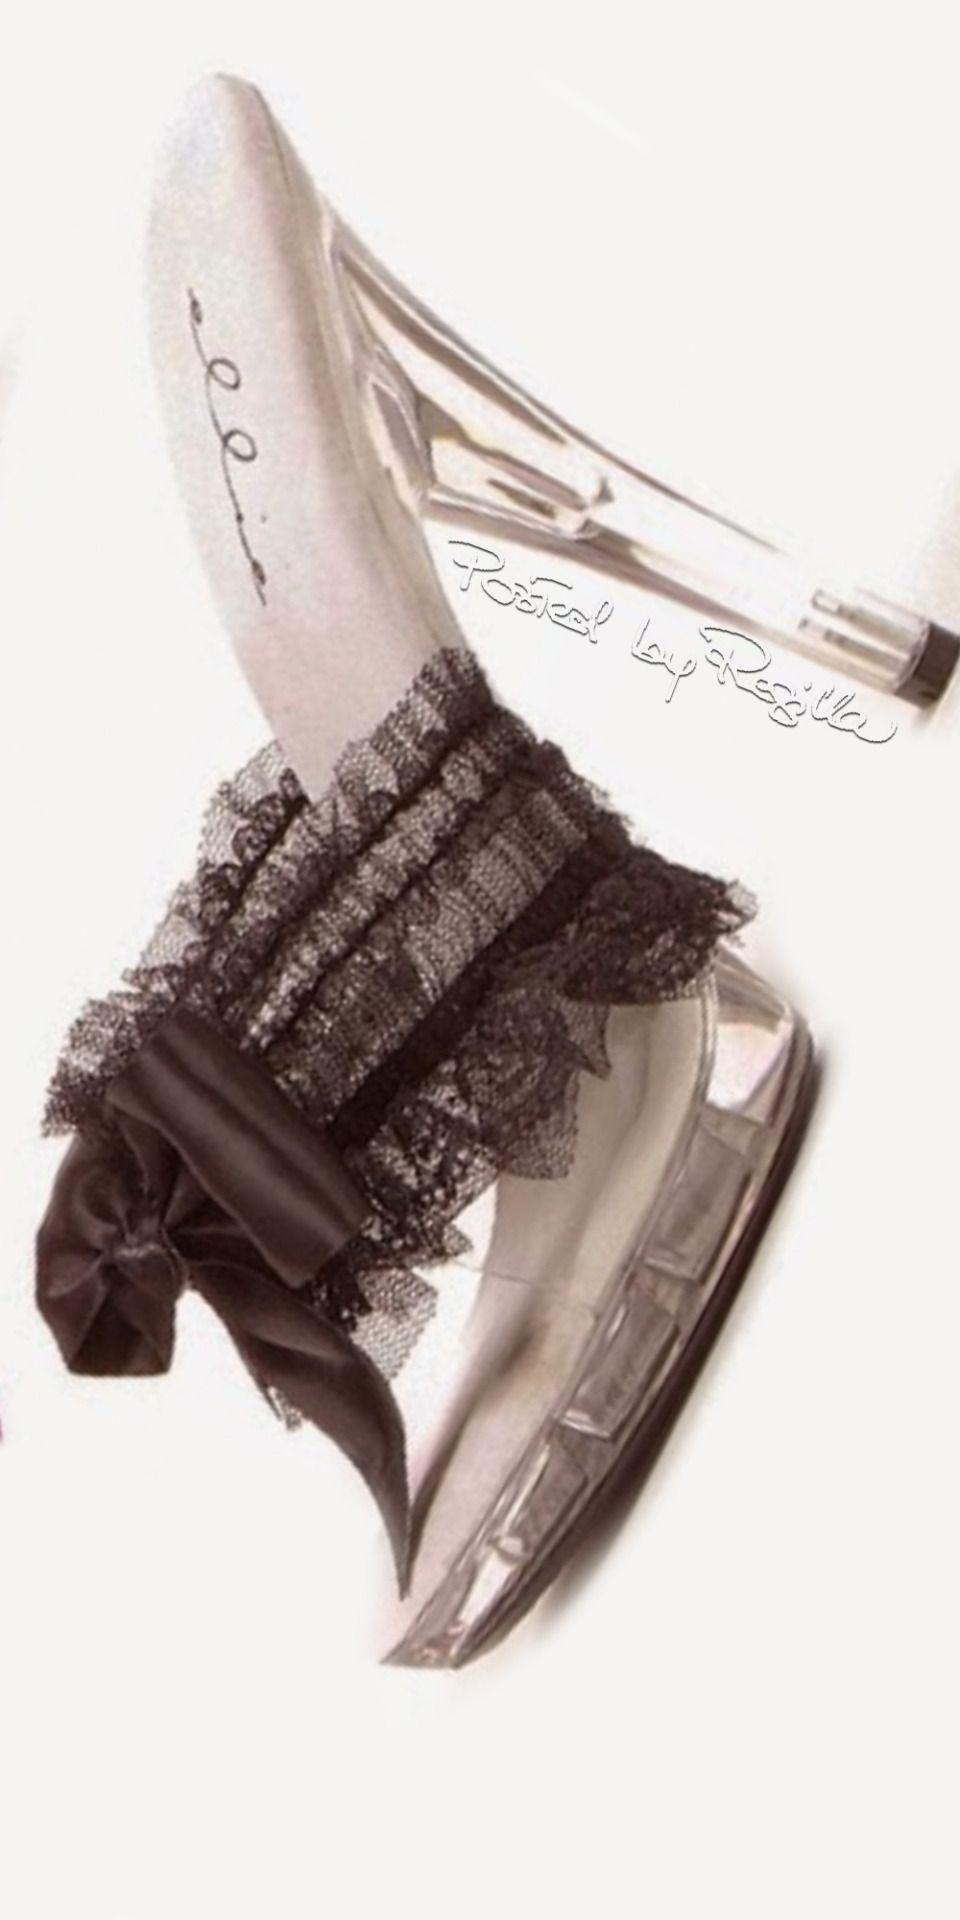 Regilla ⚜ boudoir shoes by Ellie